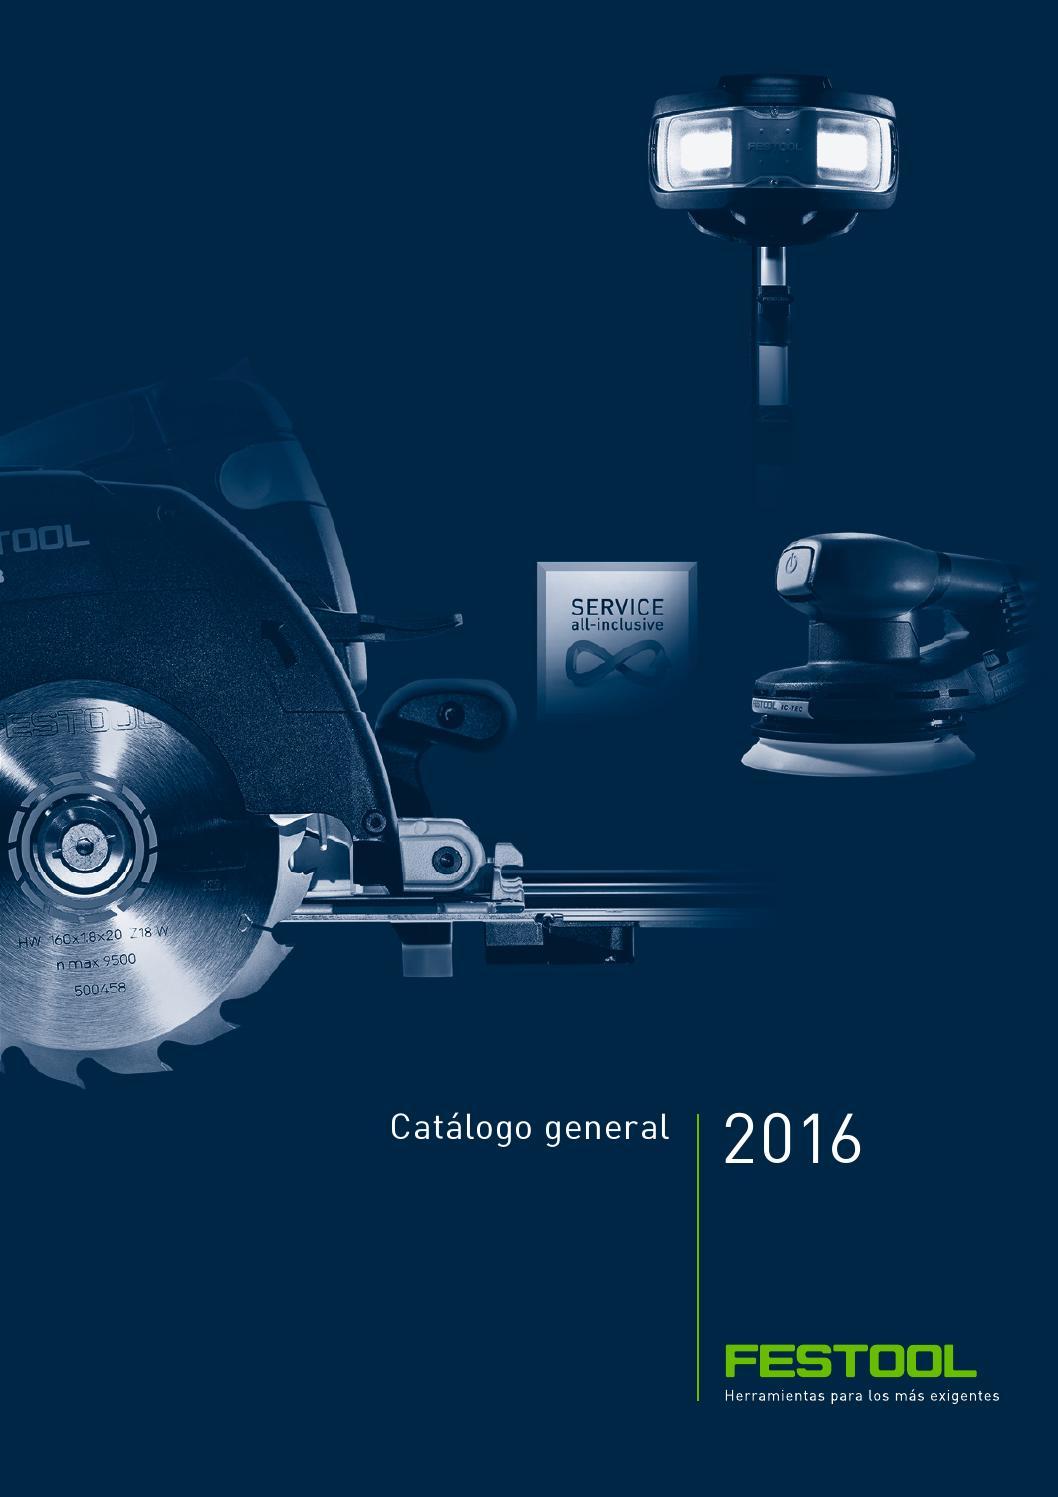 3aab73cf8634 Festool catalogo general 2016 by MAQUIAUTO - issuu